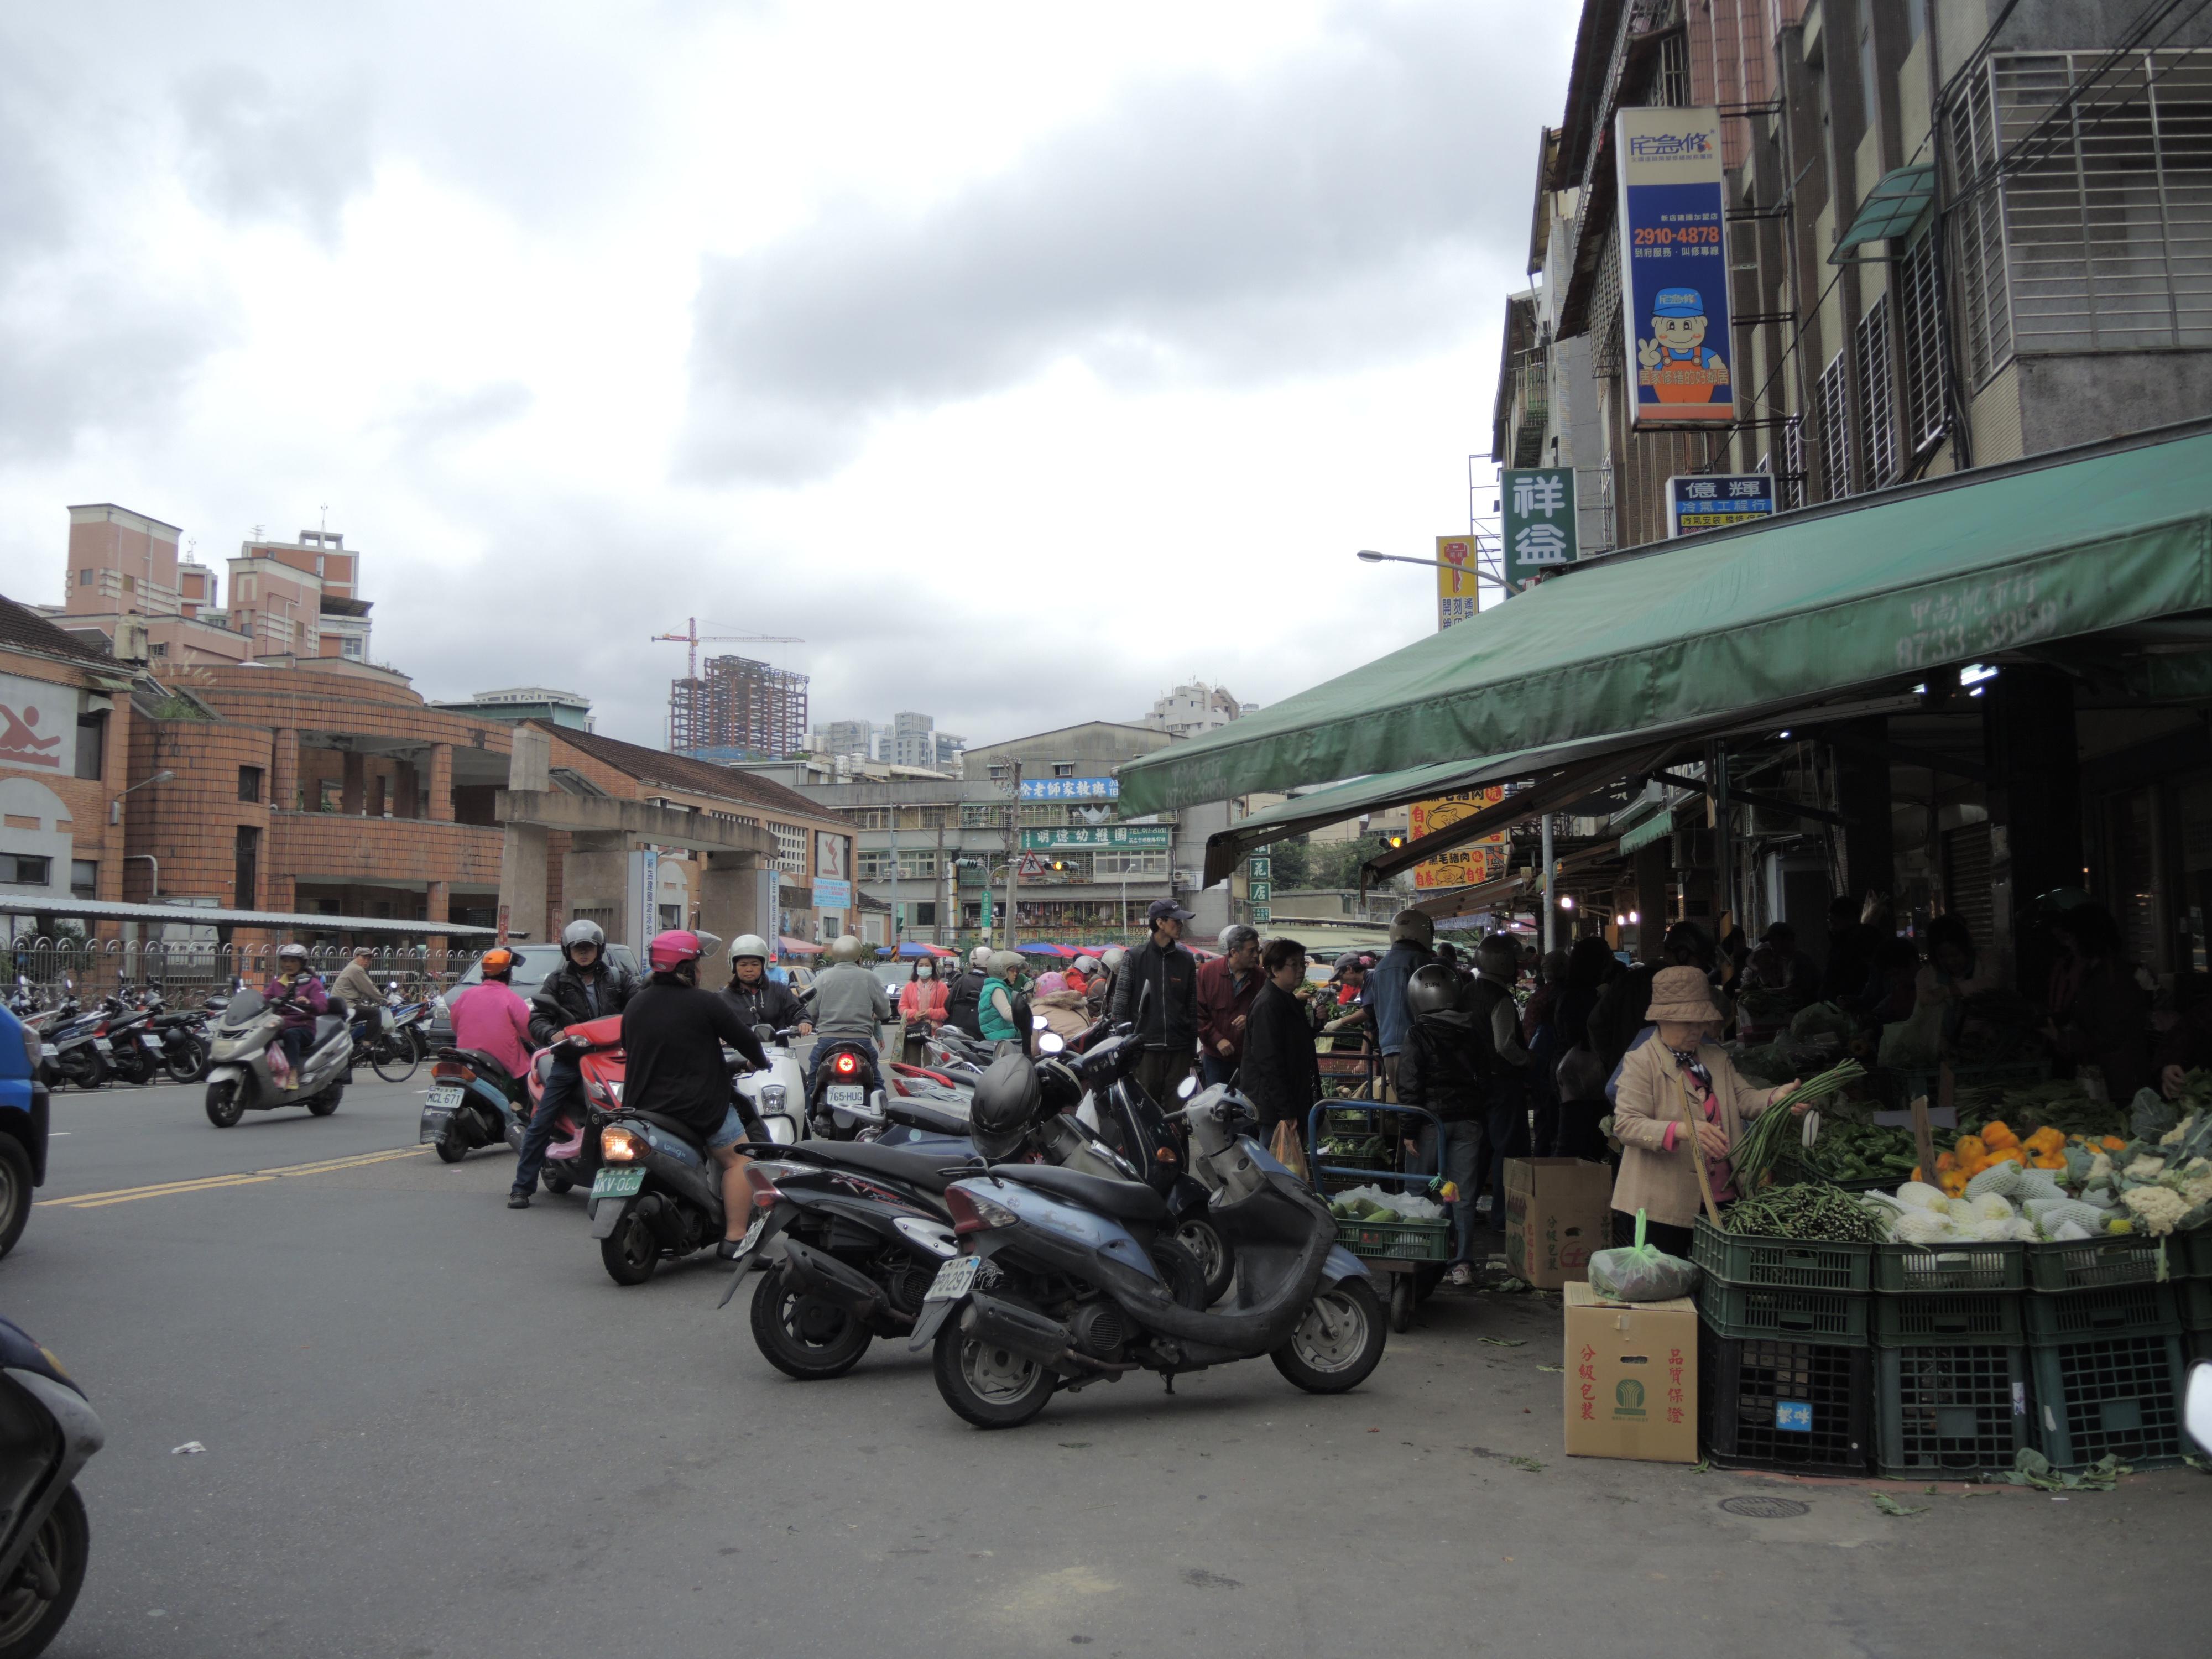 傳統菜市場的交通亂像已經是常態。攝影/韋可琦